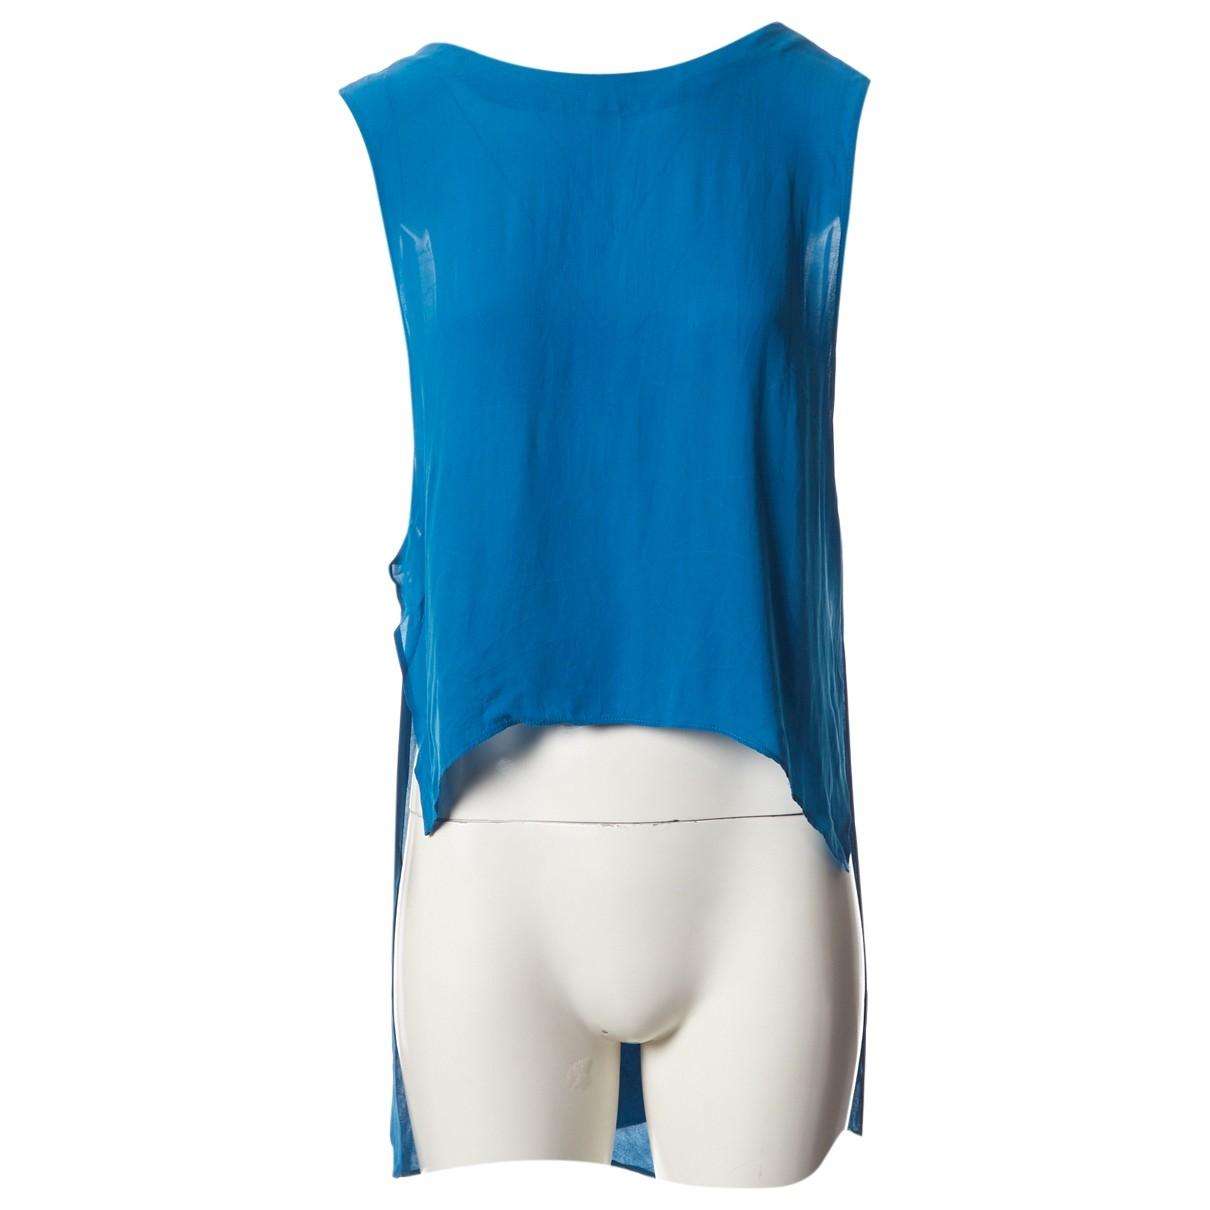 Reformation Blue Silk Top